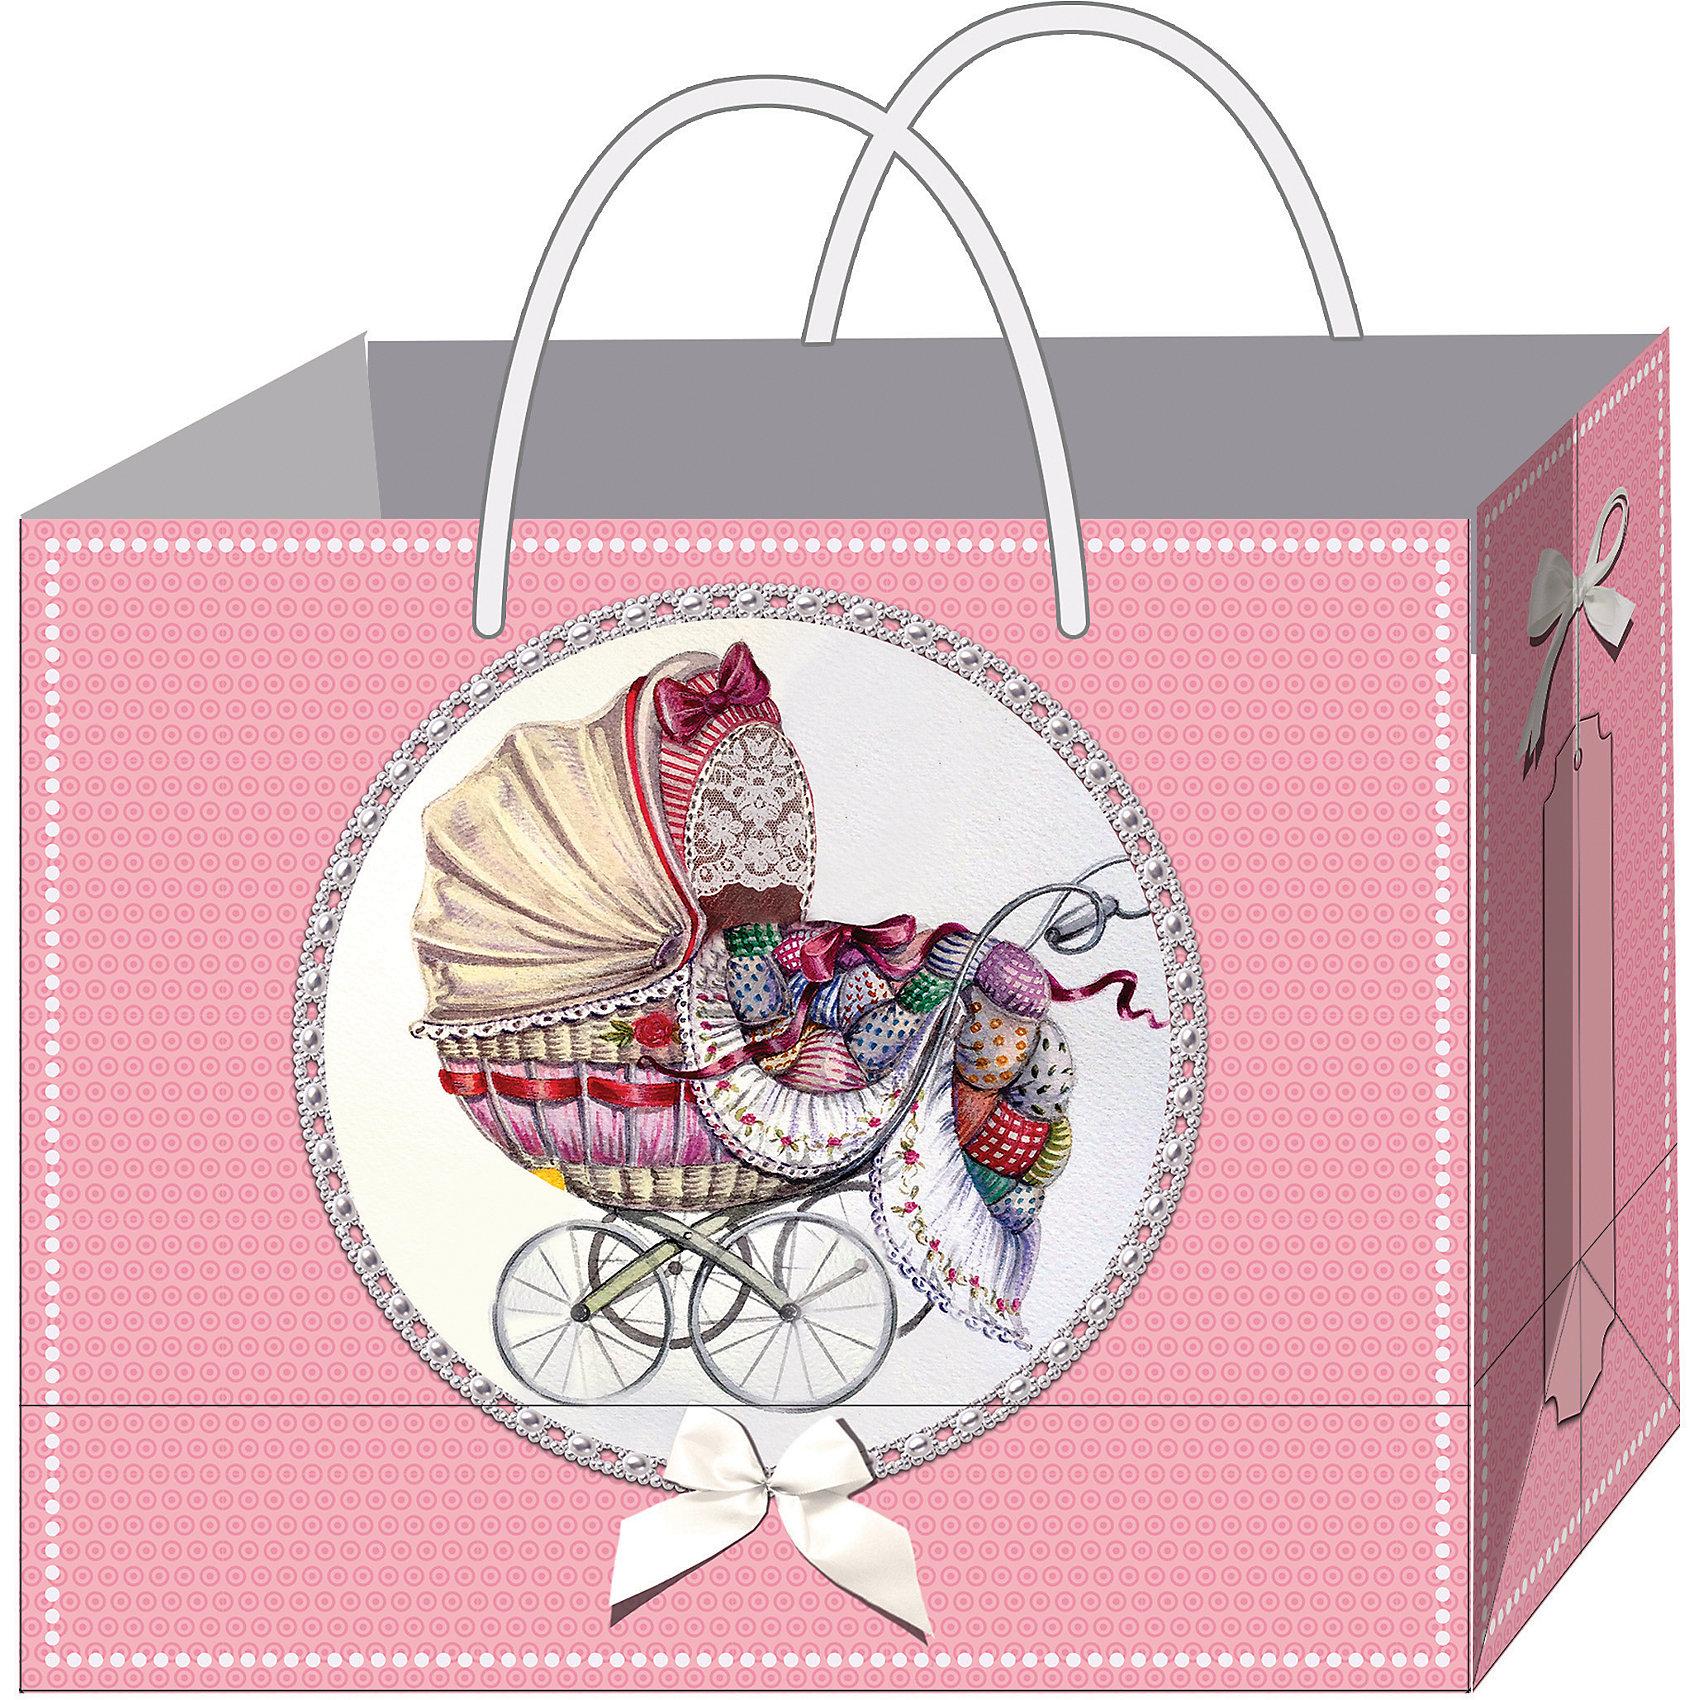 Феникс-Презент Подарочный пакет Ретро-коляска 40,6*16*33 см феникс презент подарочный пакет лимоны 26 32 4 12 7 см